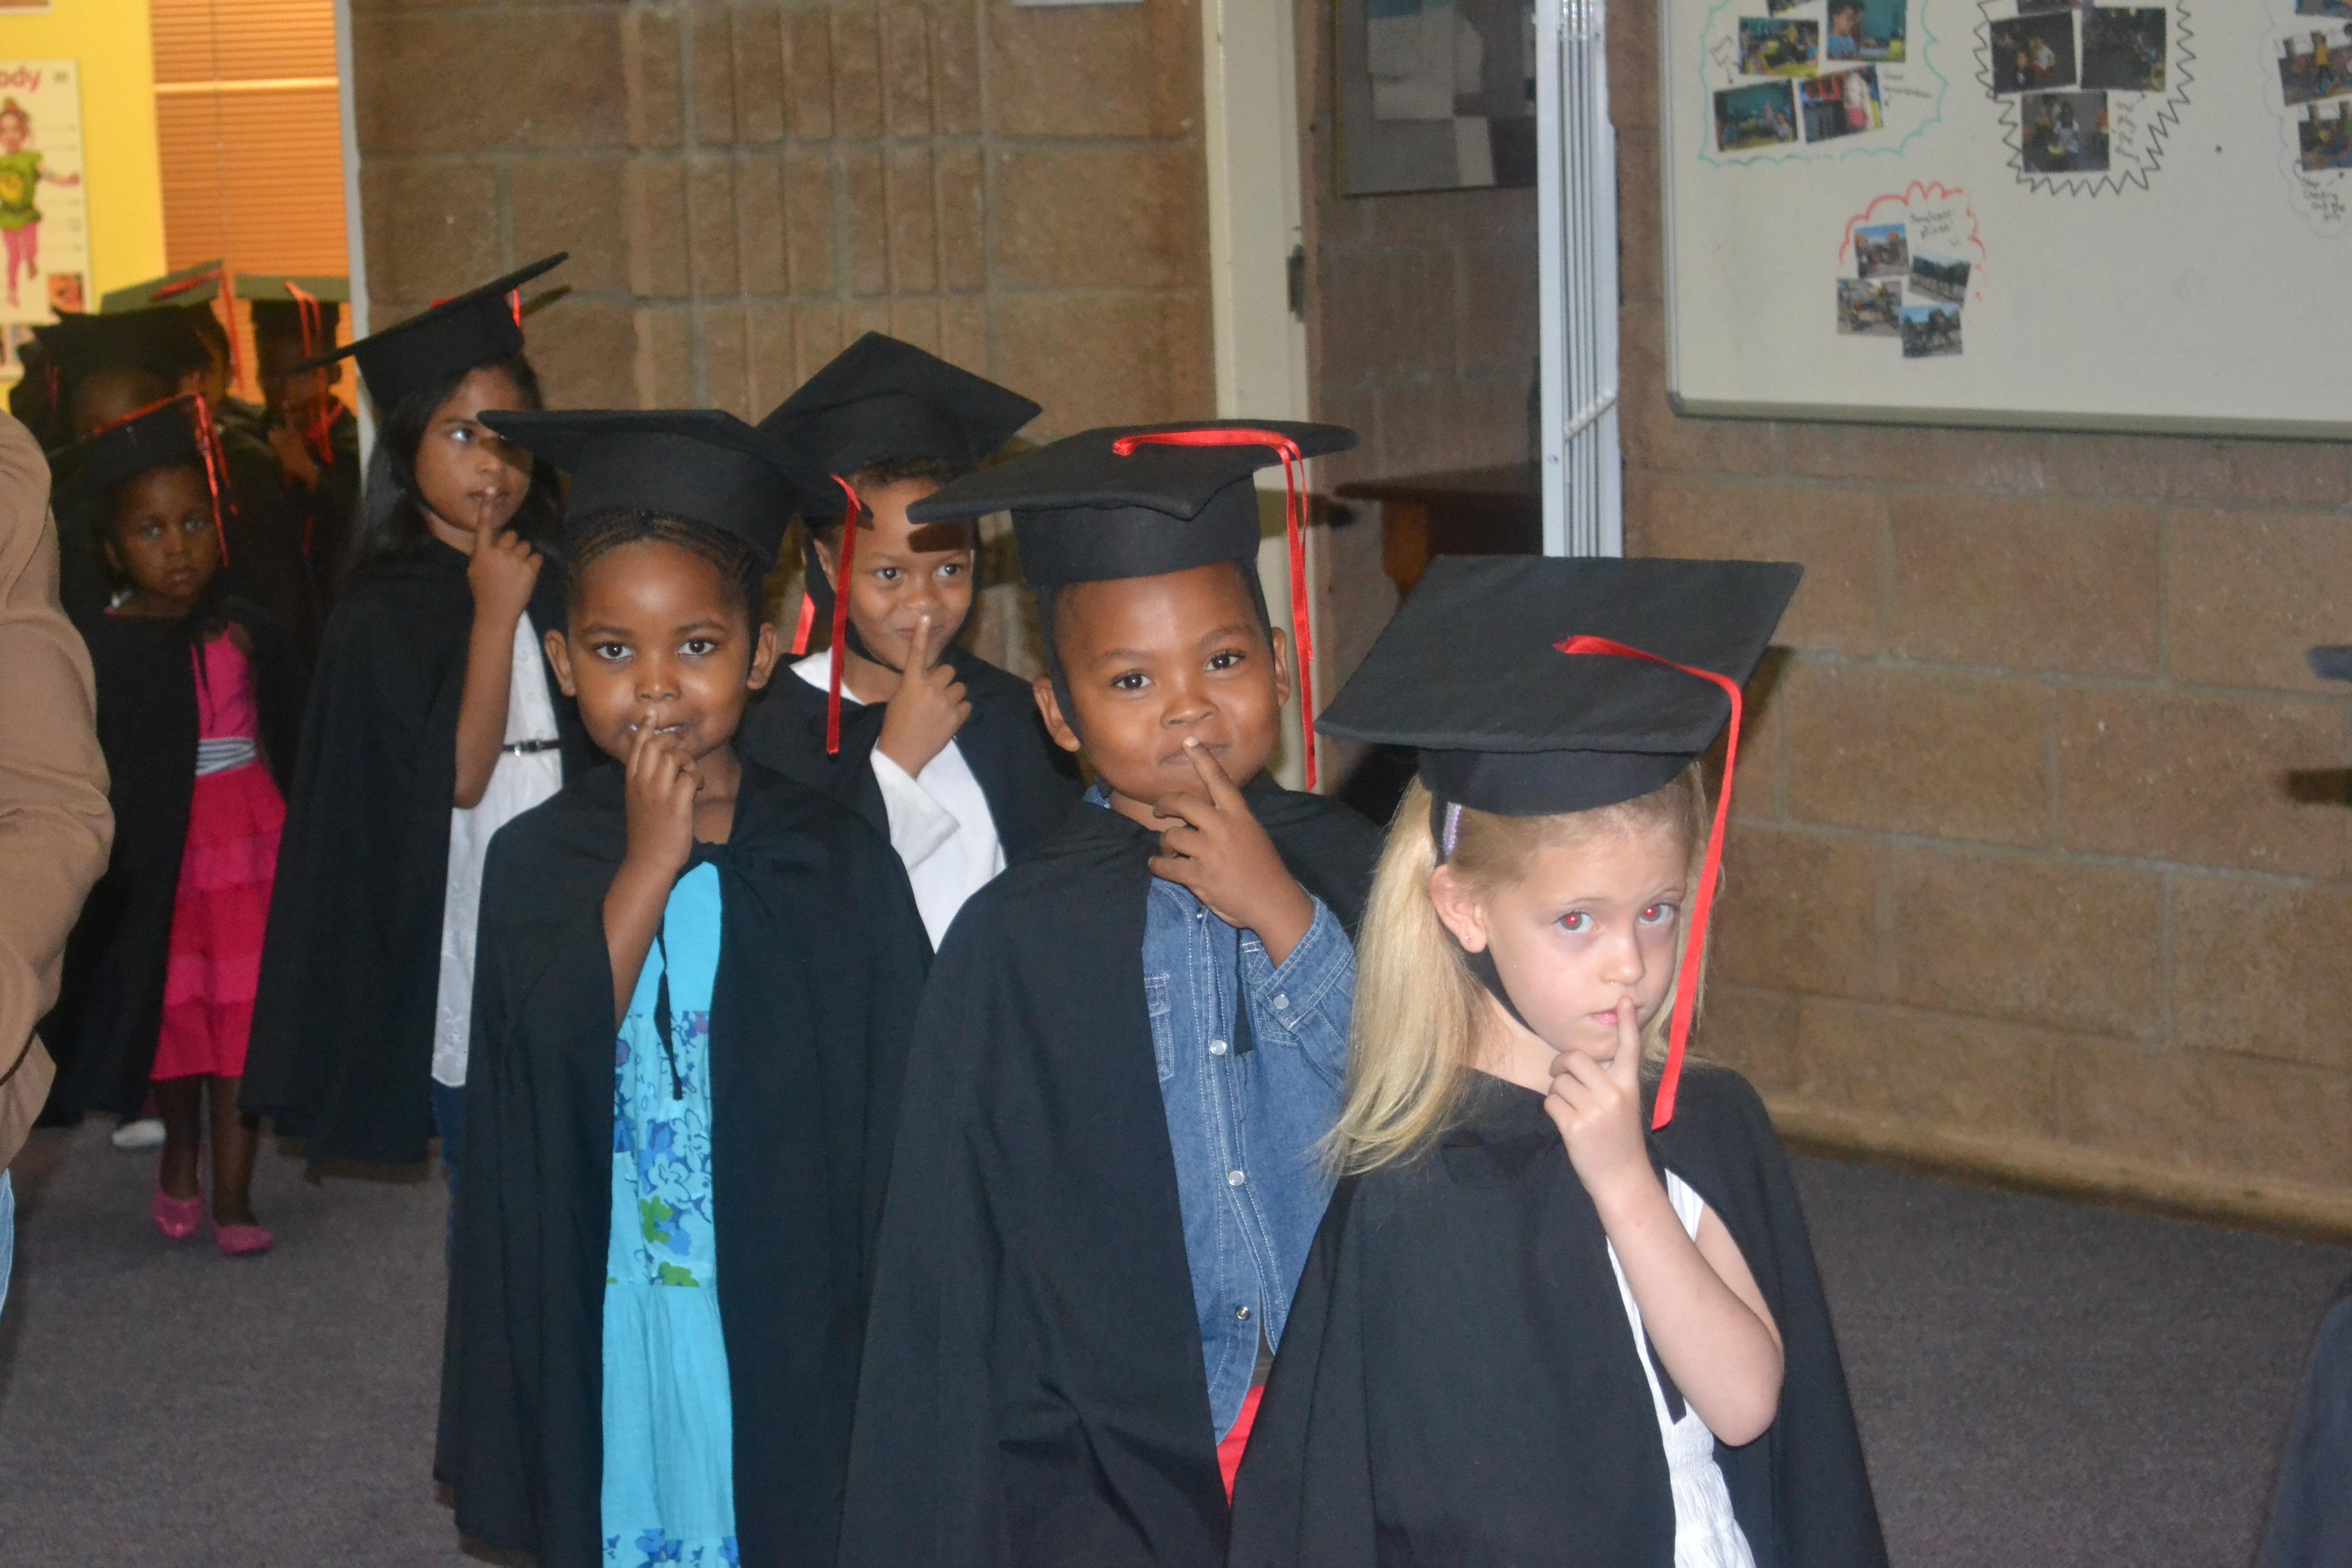 Sweep Kidz Graduation 24 Nov.2012 032